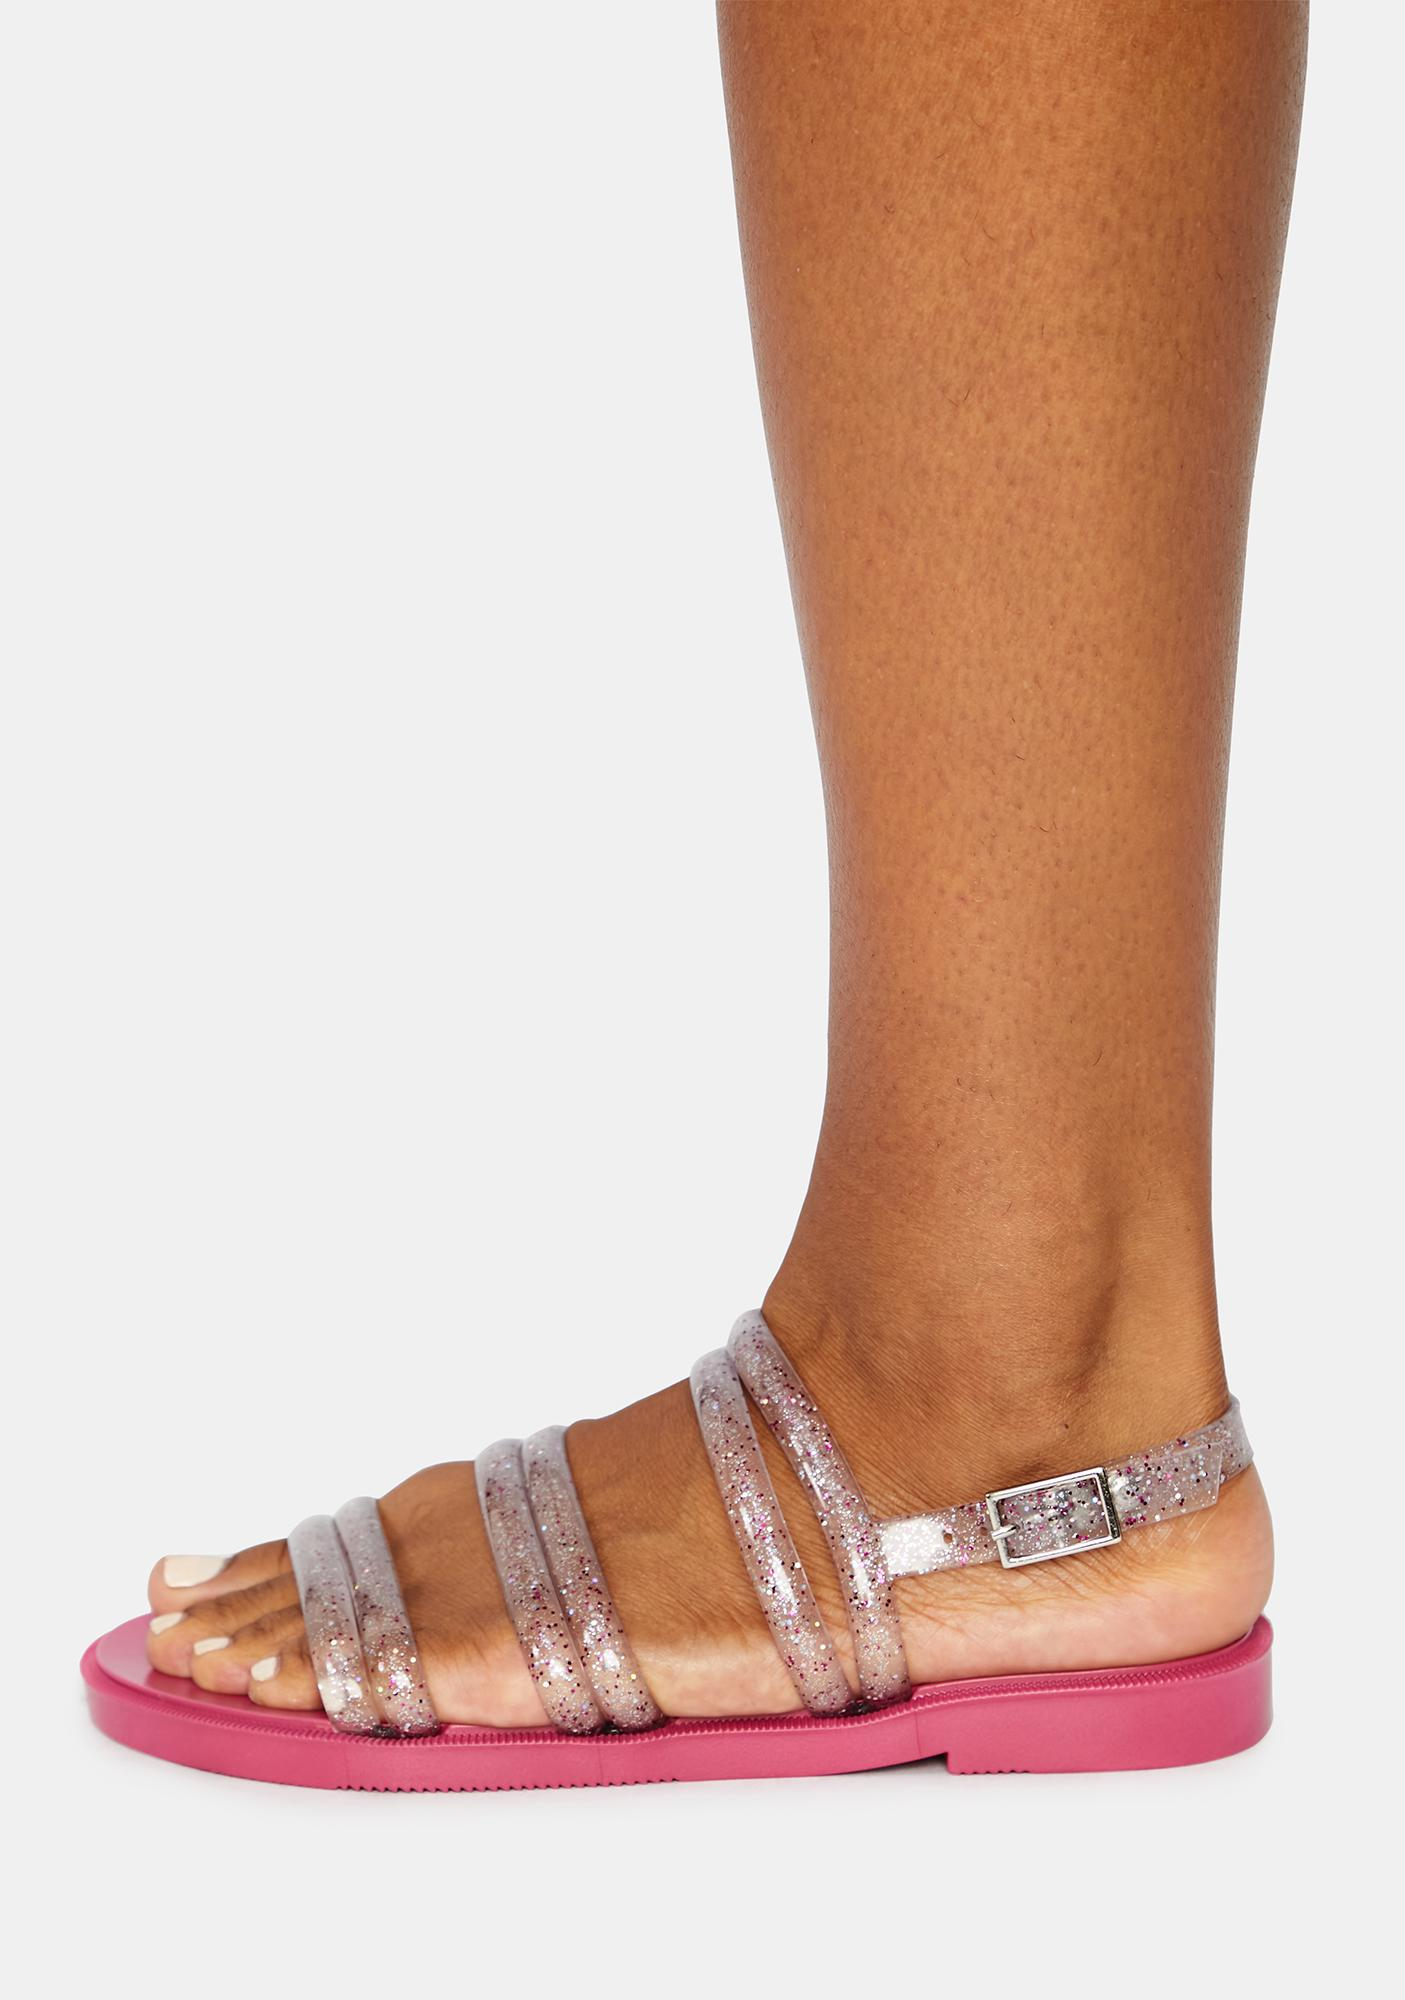 Petite Jolie Pink Del Rio Glitter Jelly Sandals